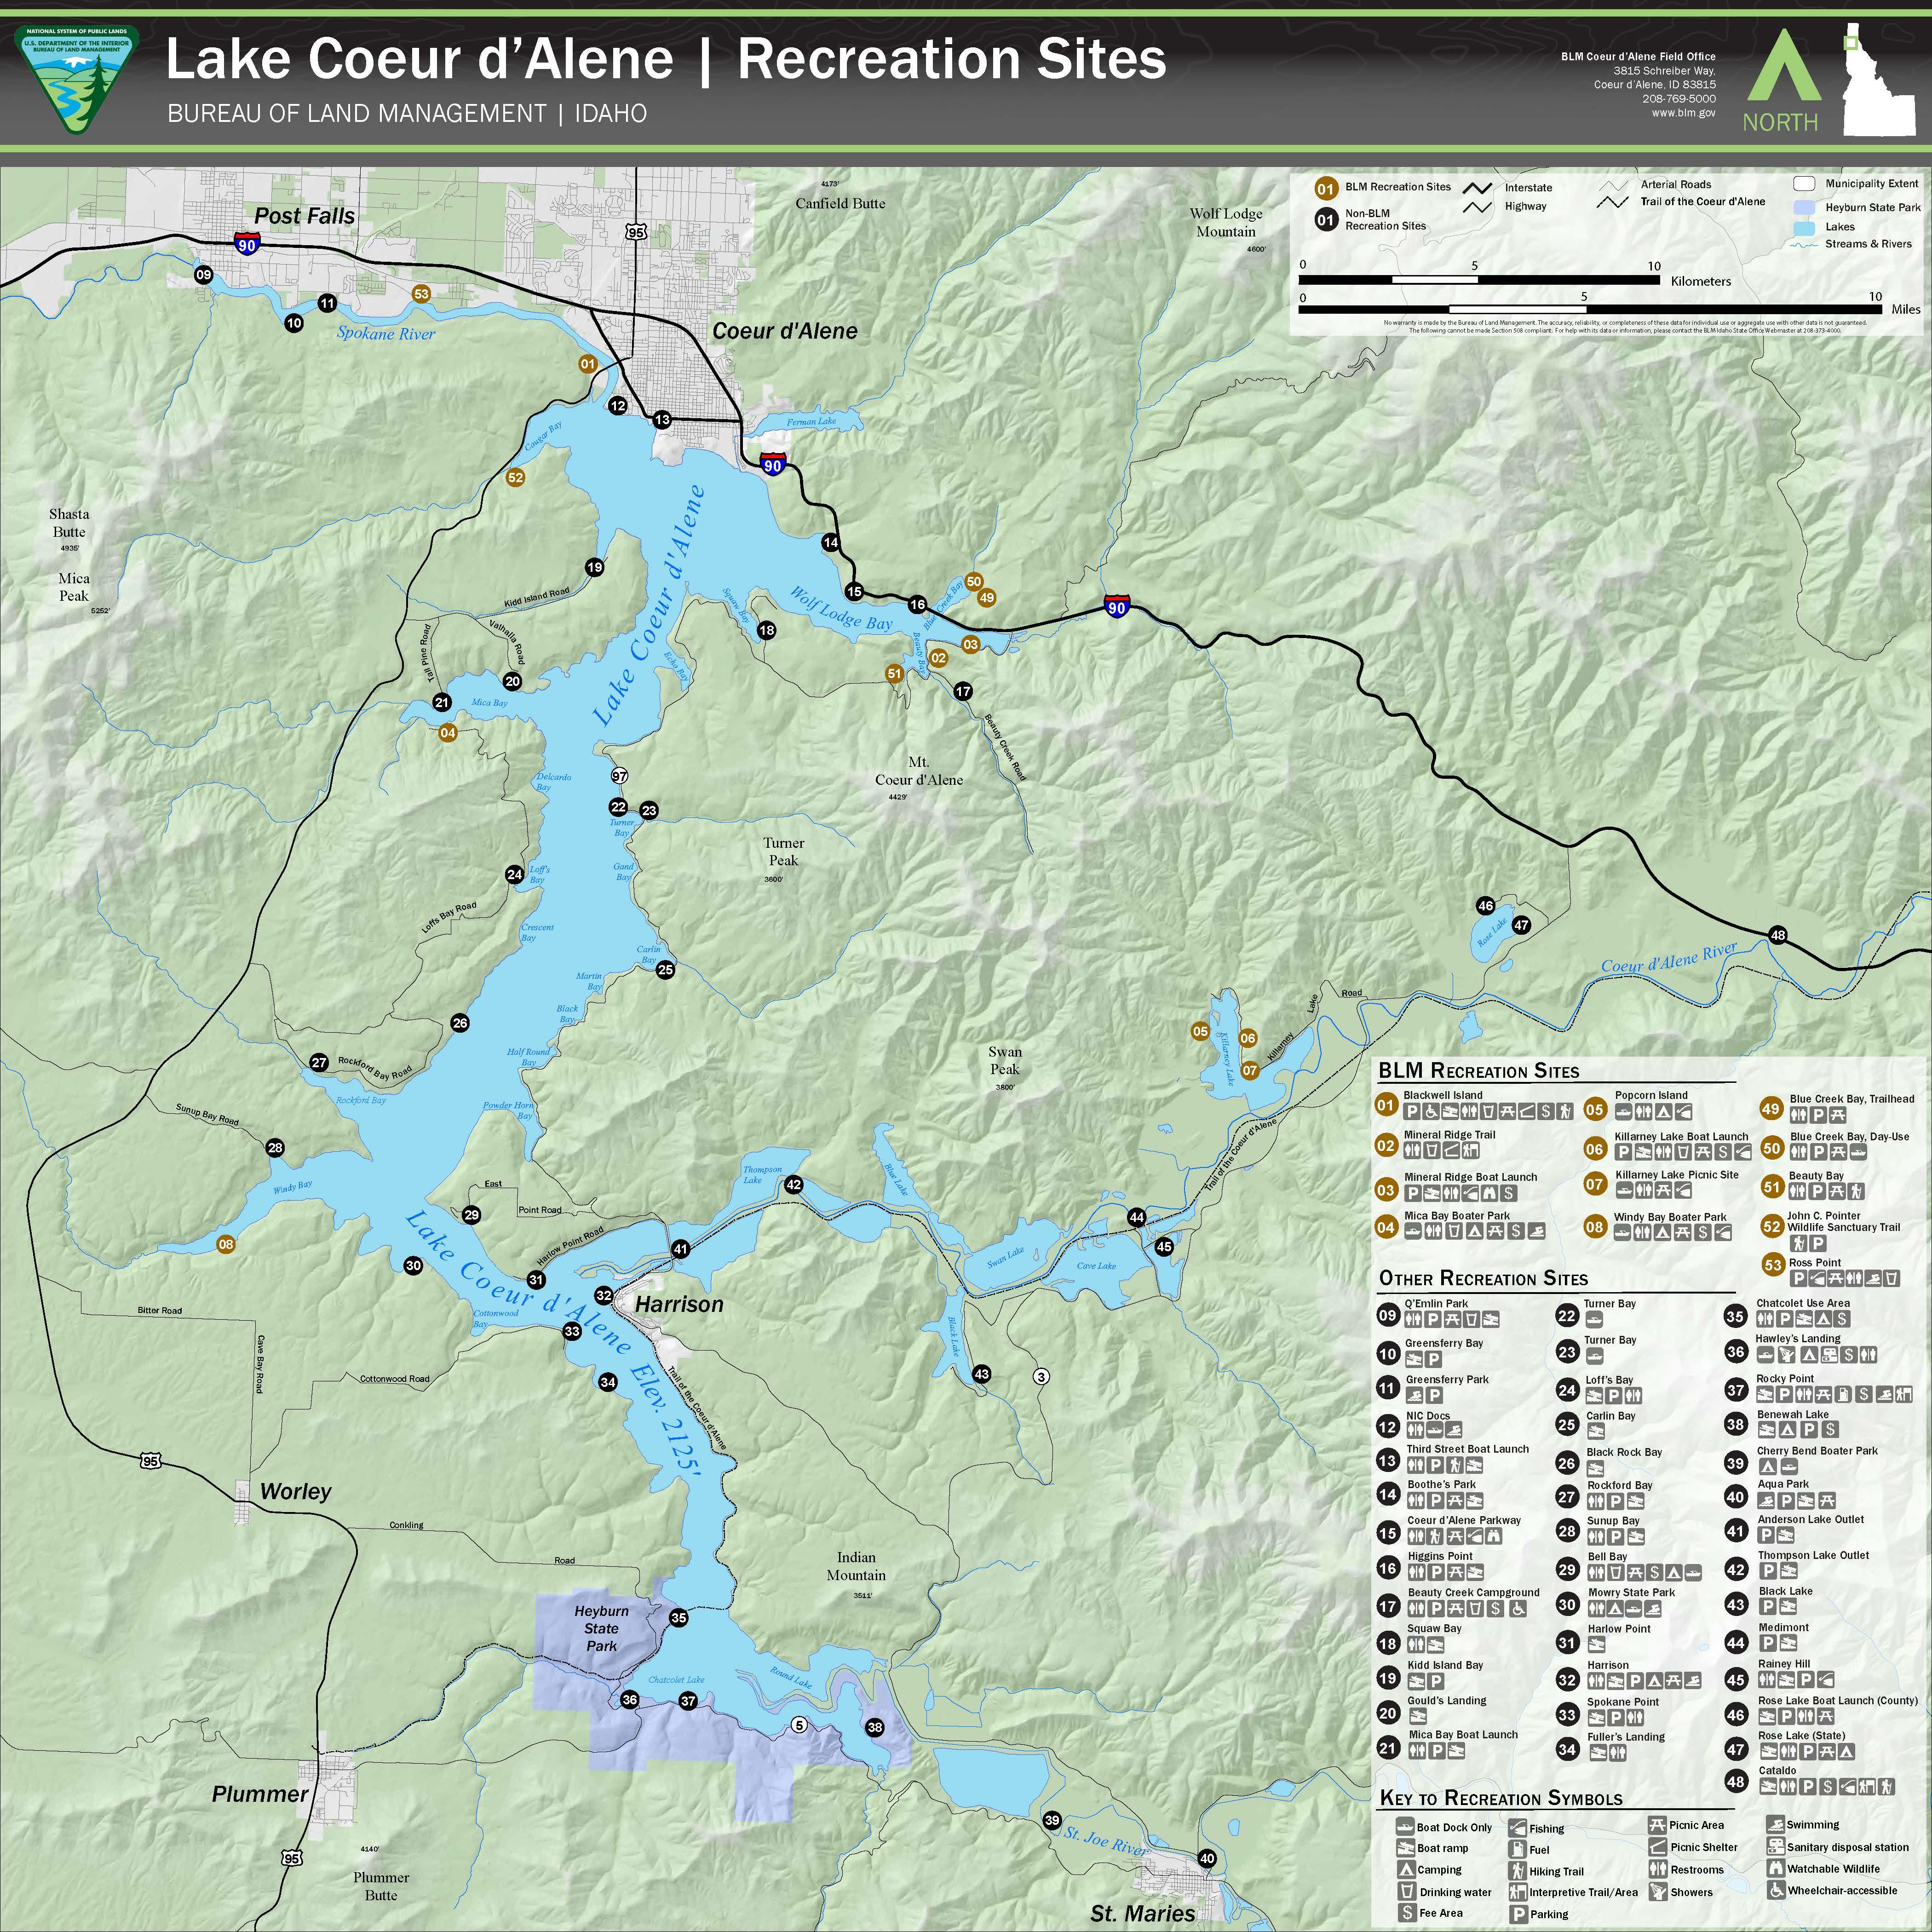 map of cda lake Media Center Public Room Idaho Lake Coeur D Alene Recreation map of cda lake